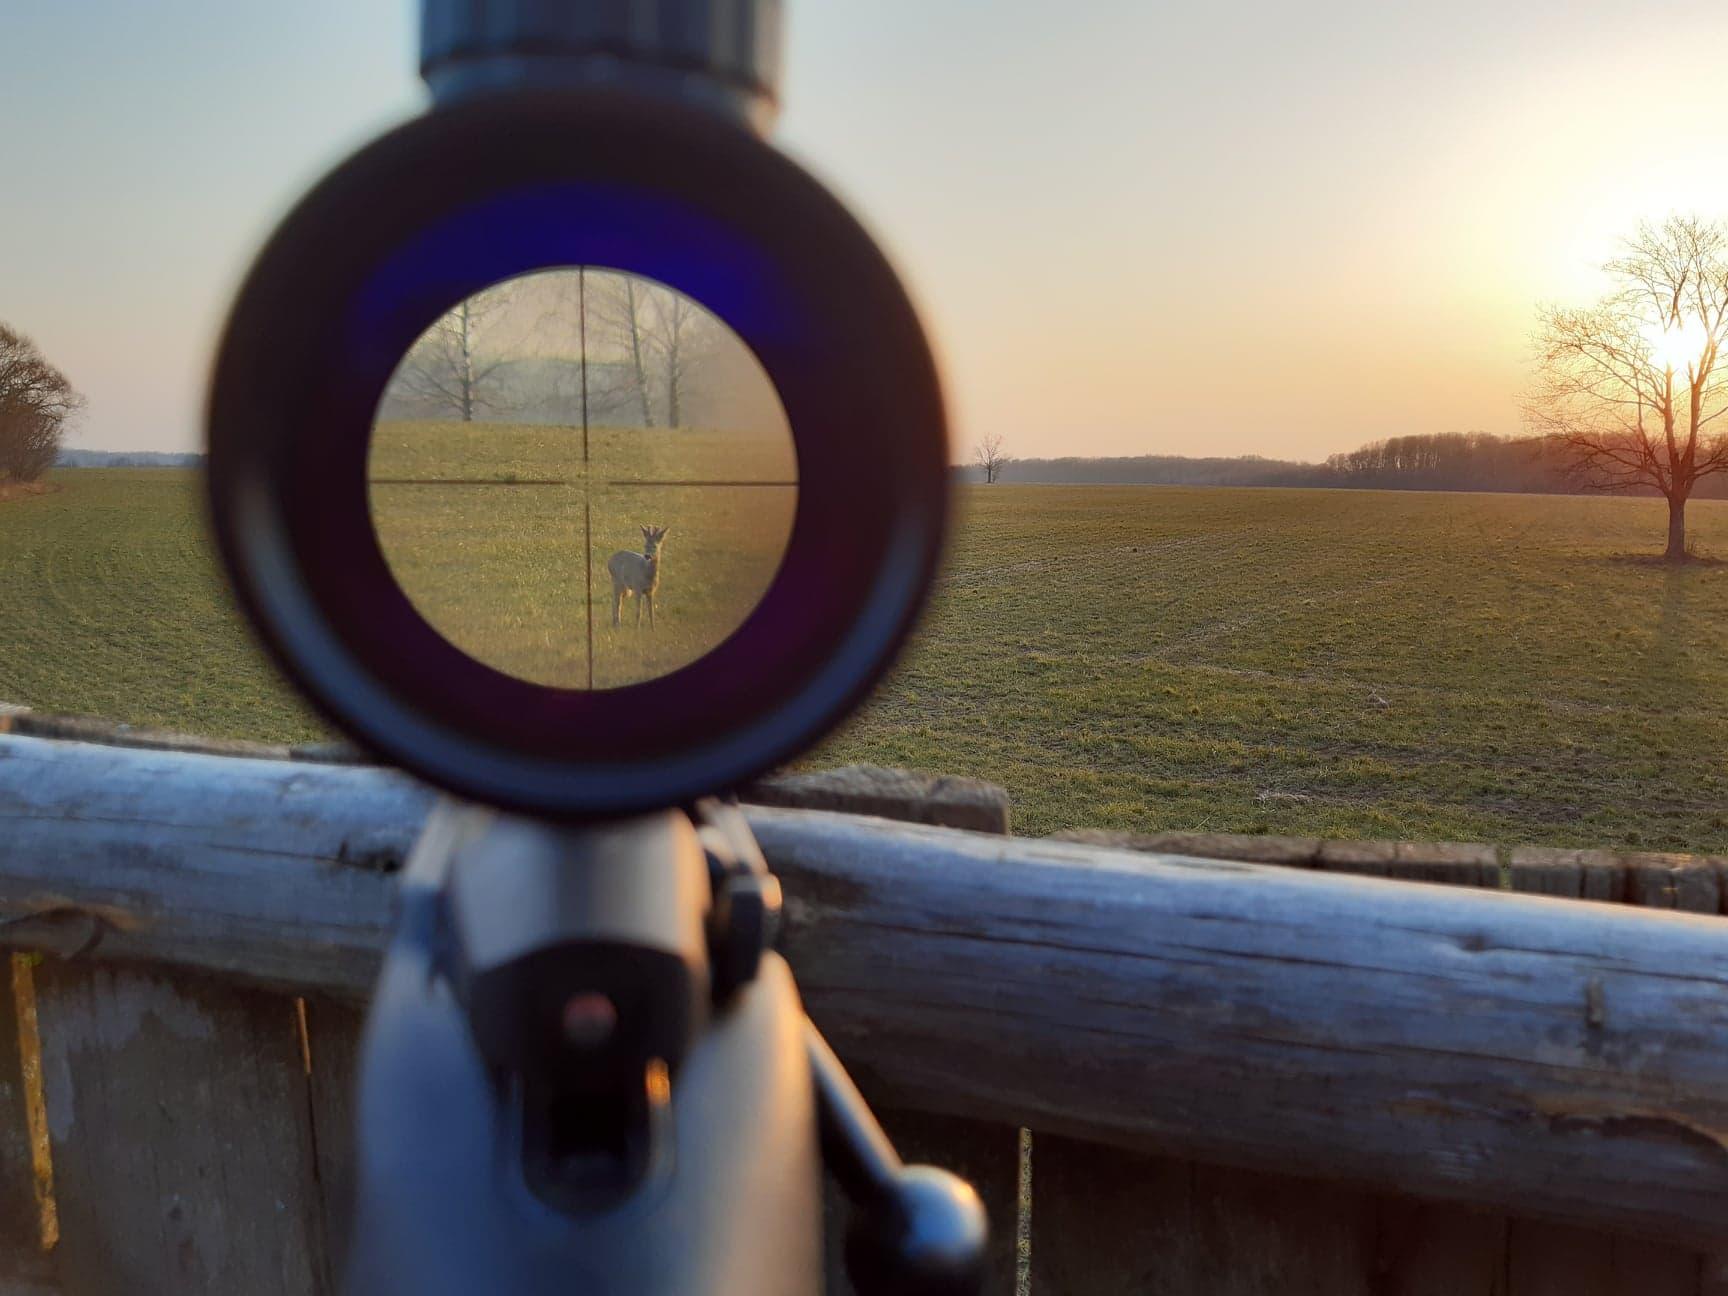 Dėl besniegės žiemos medžiotojai nebus baudžiami už neatliktą žvėrių apskaitą